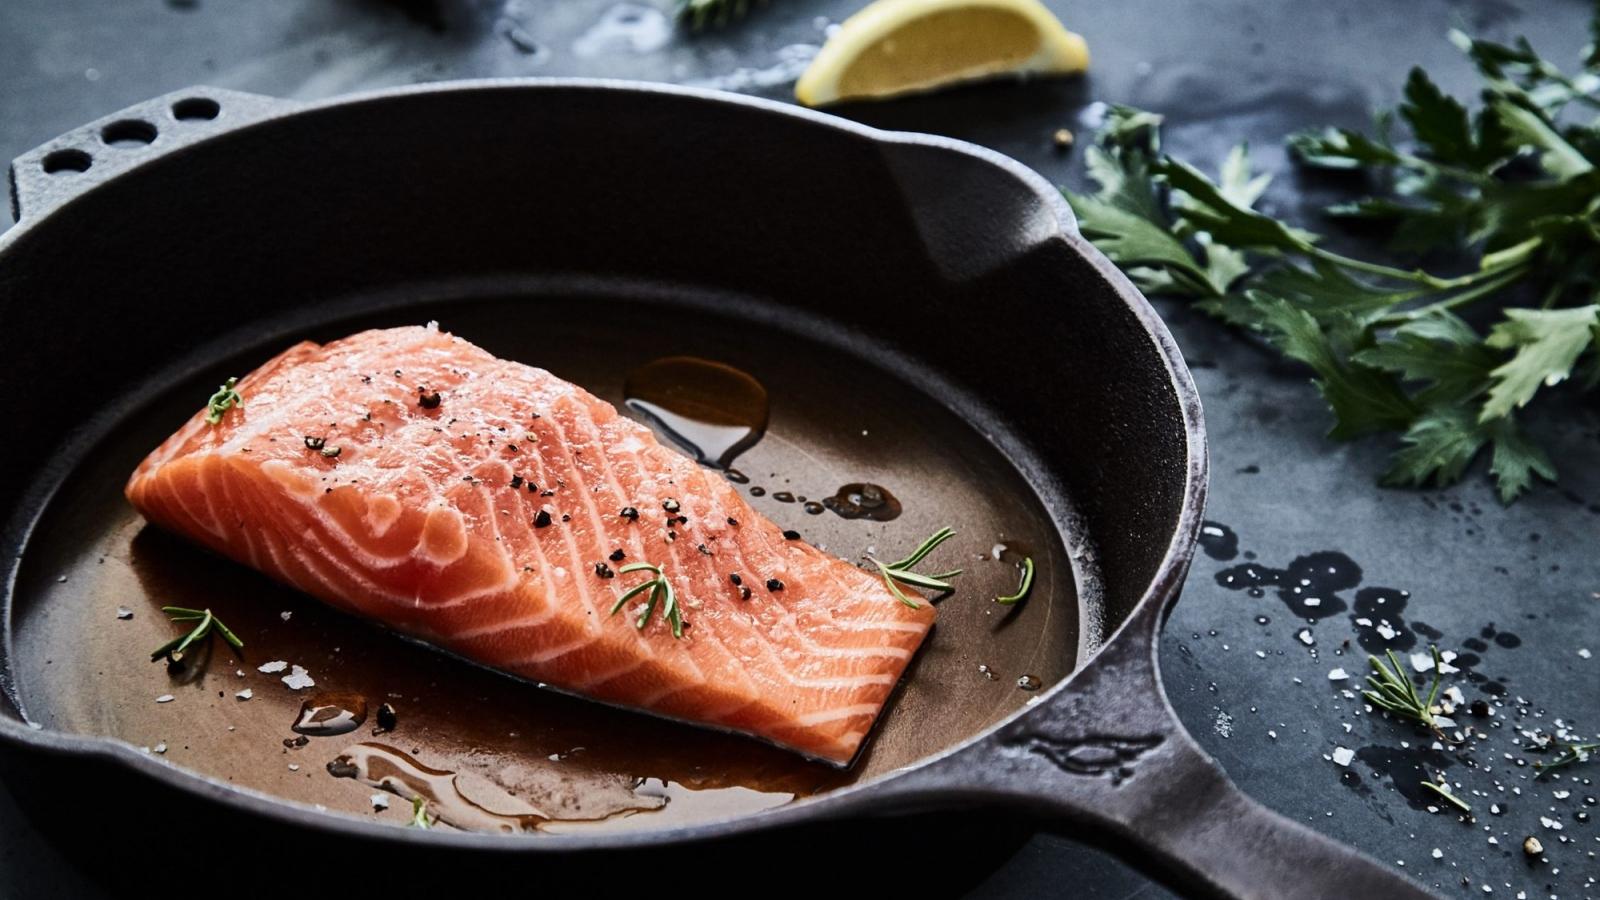 9 mẹo vặt bếp núc hữu ích mà chỉ giới đầu bếp mới biết